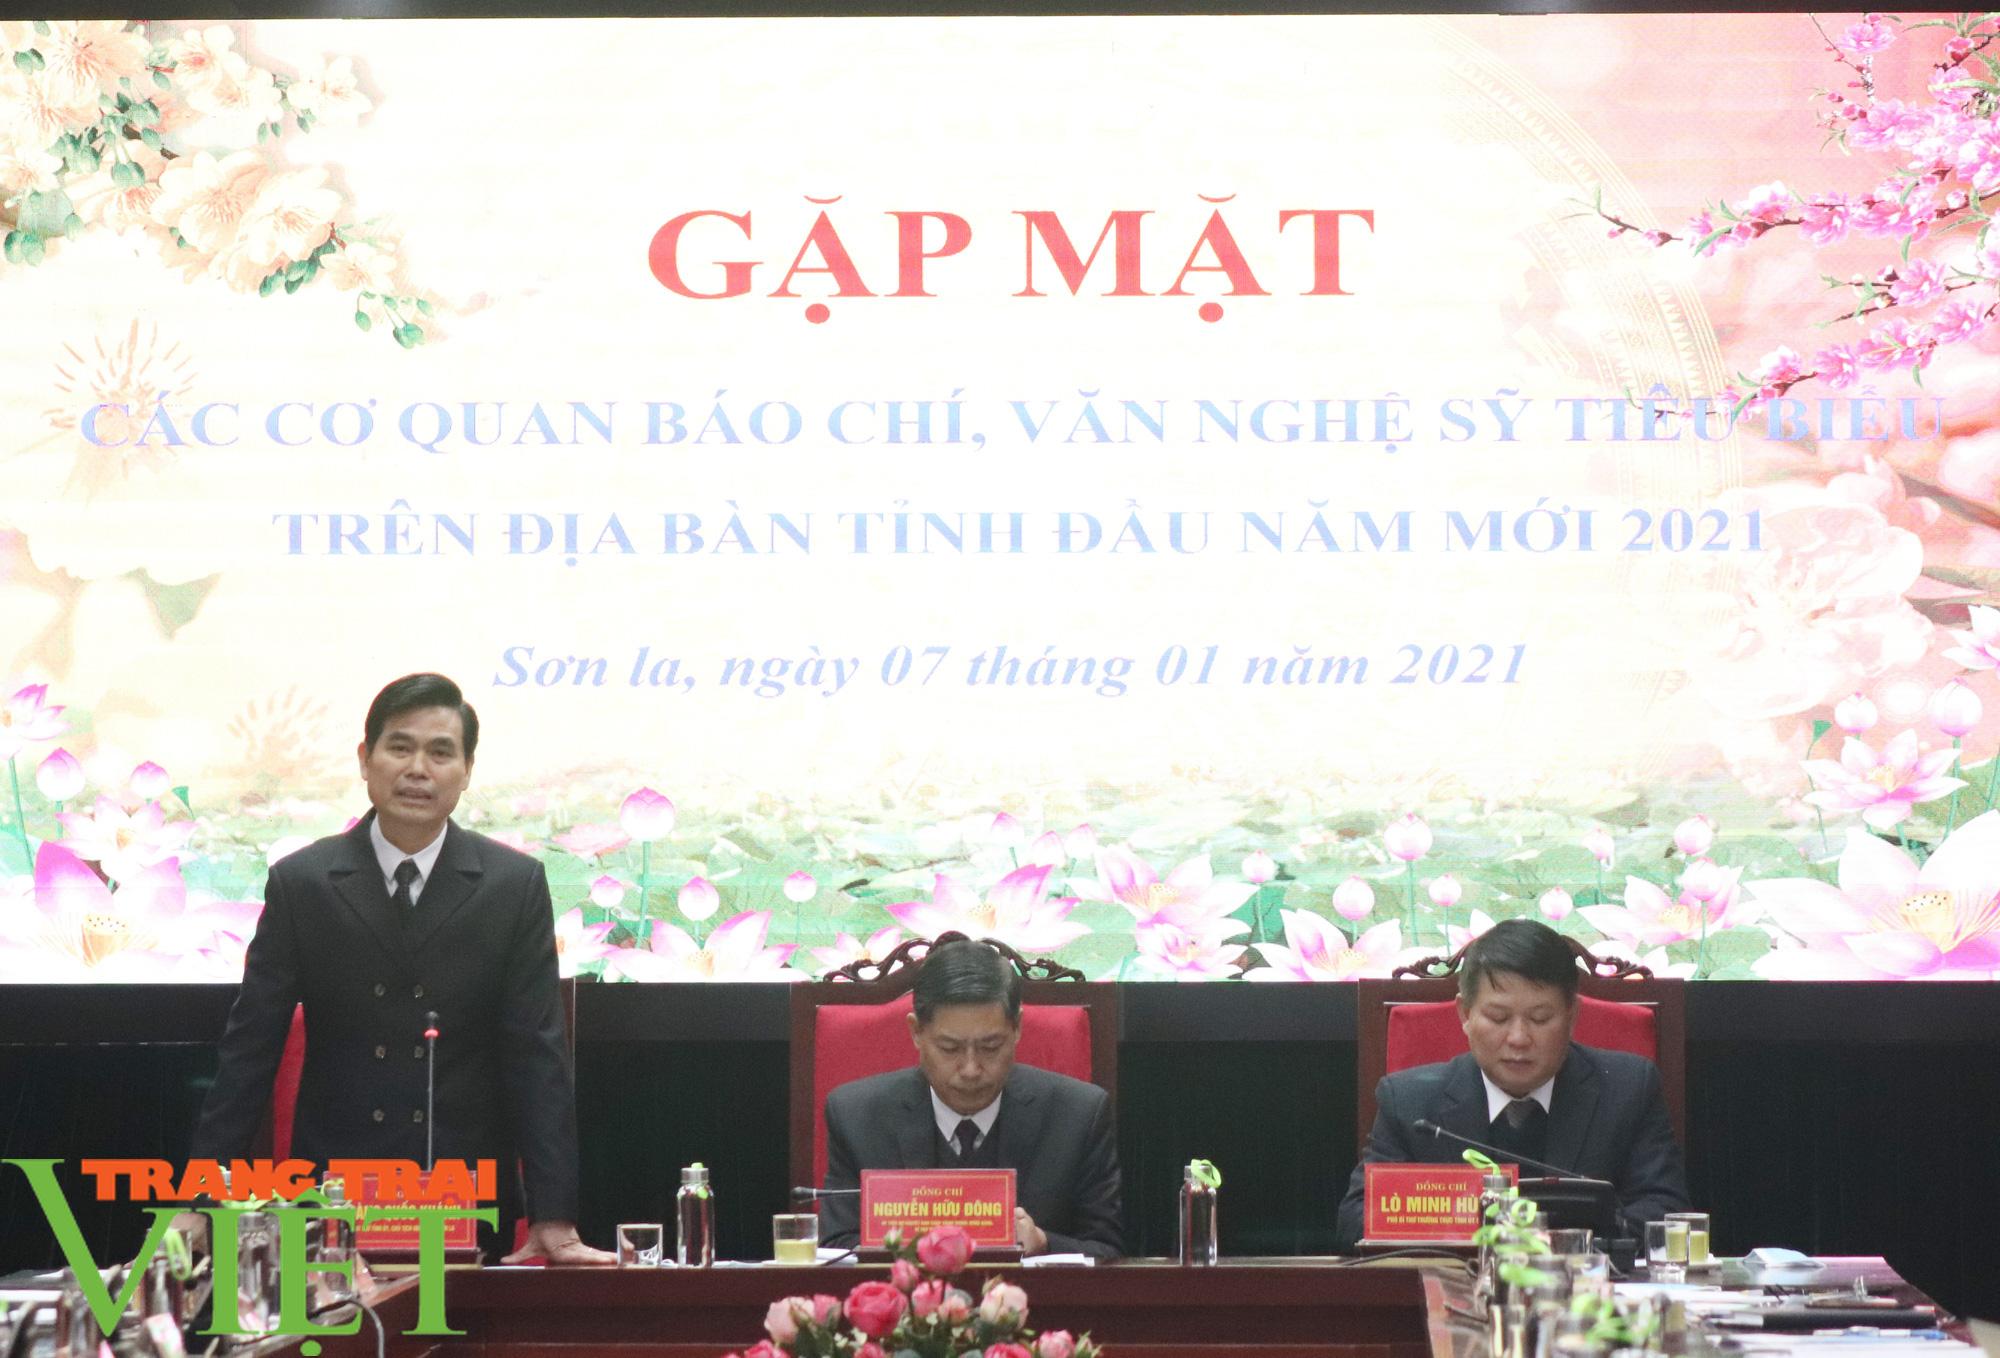 Tỉnh Sơn La gặp mặt các cơ quan báo chí, văn nghệ sỹ  - Ảnh 3.